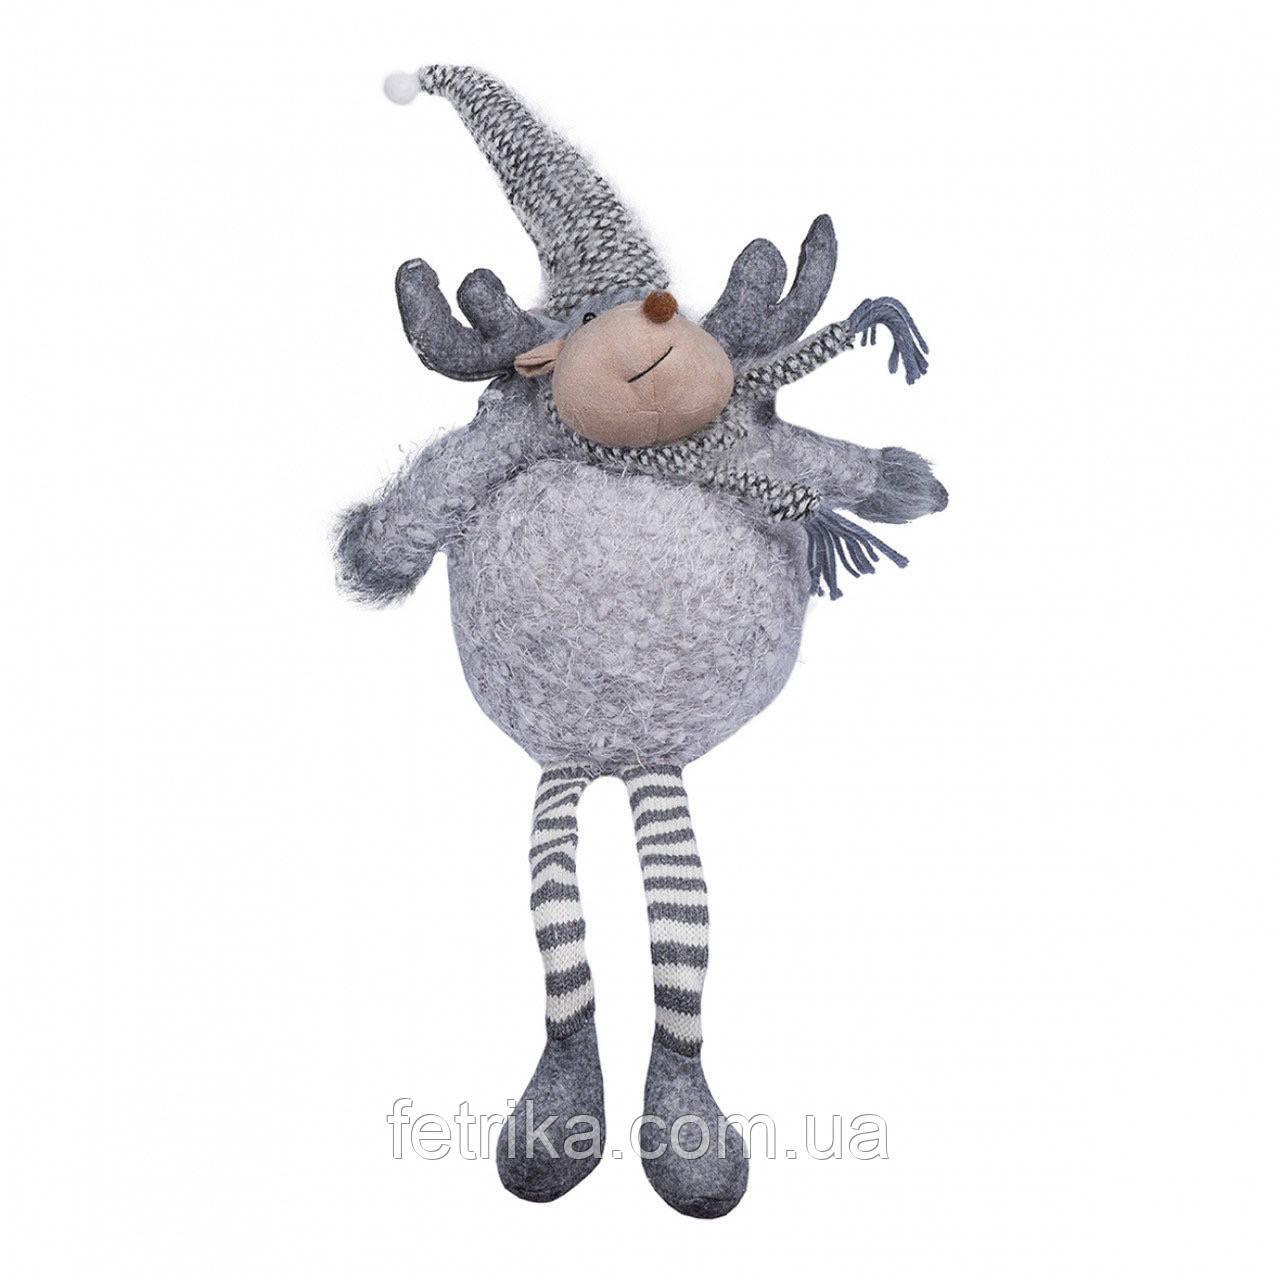 Декоративный новогодний олень, 24*14*61 см, серый